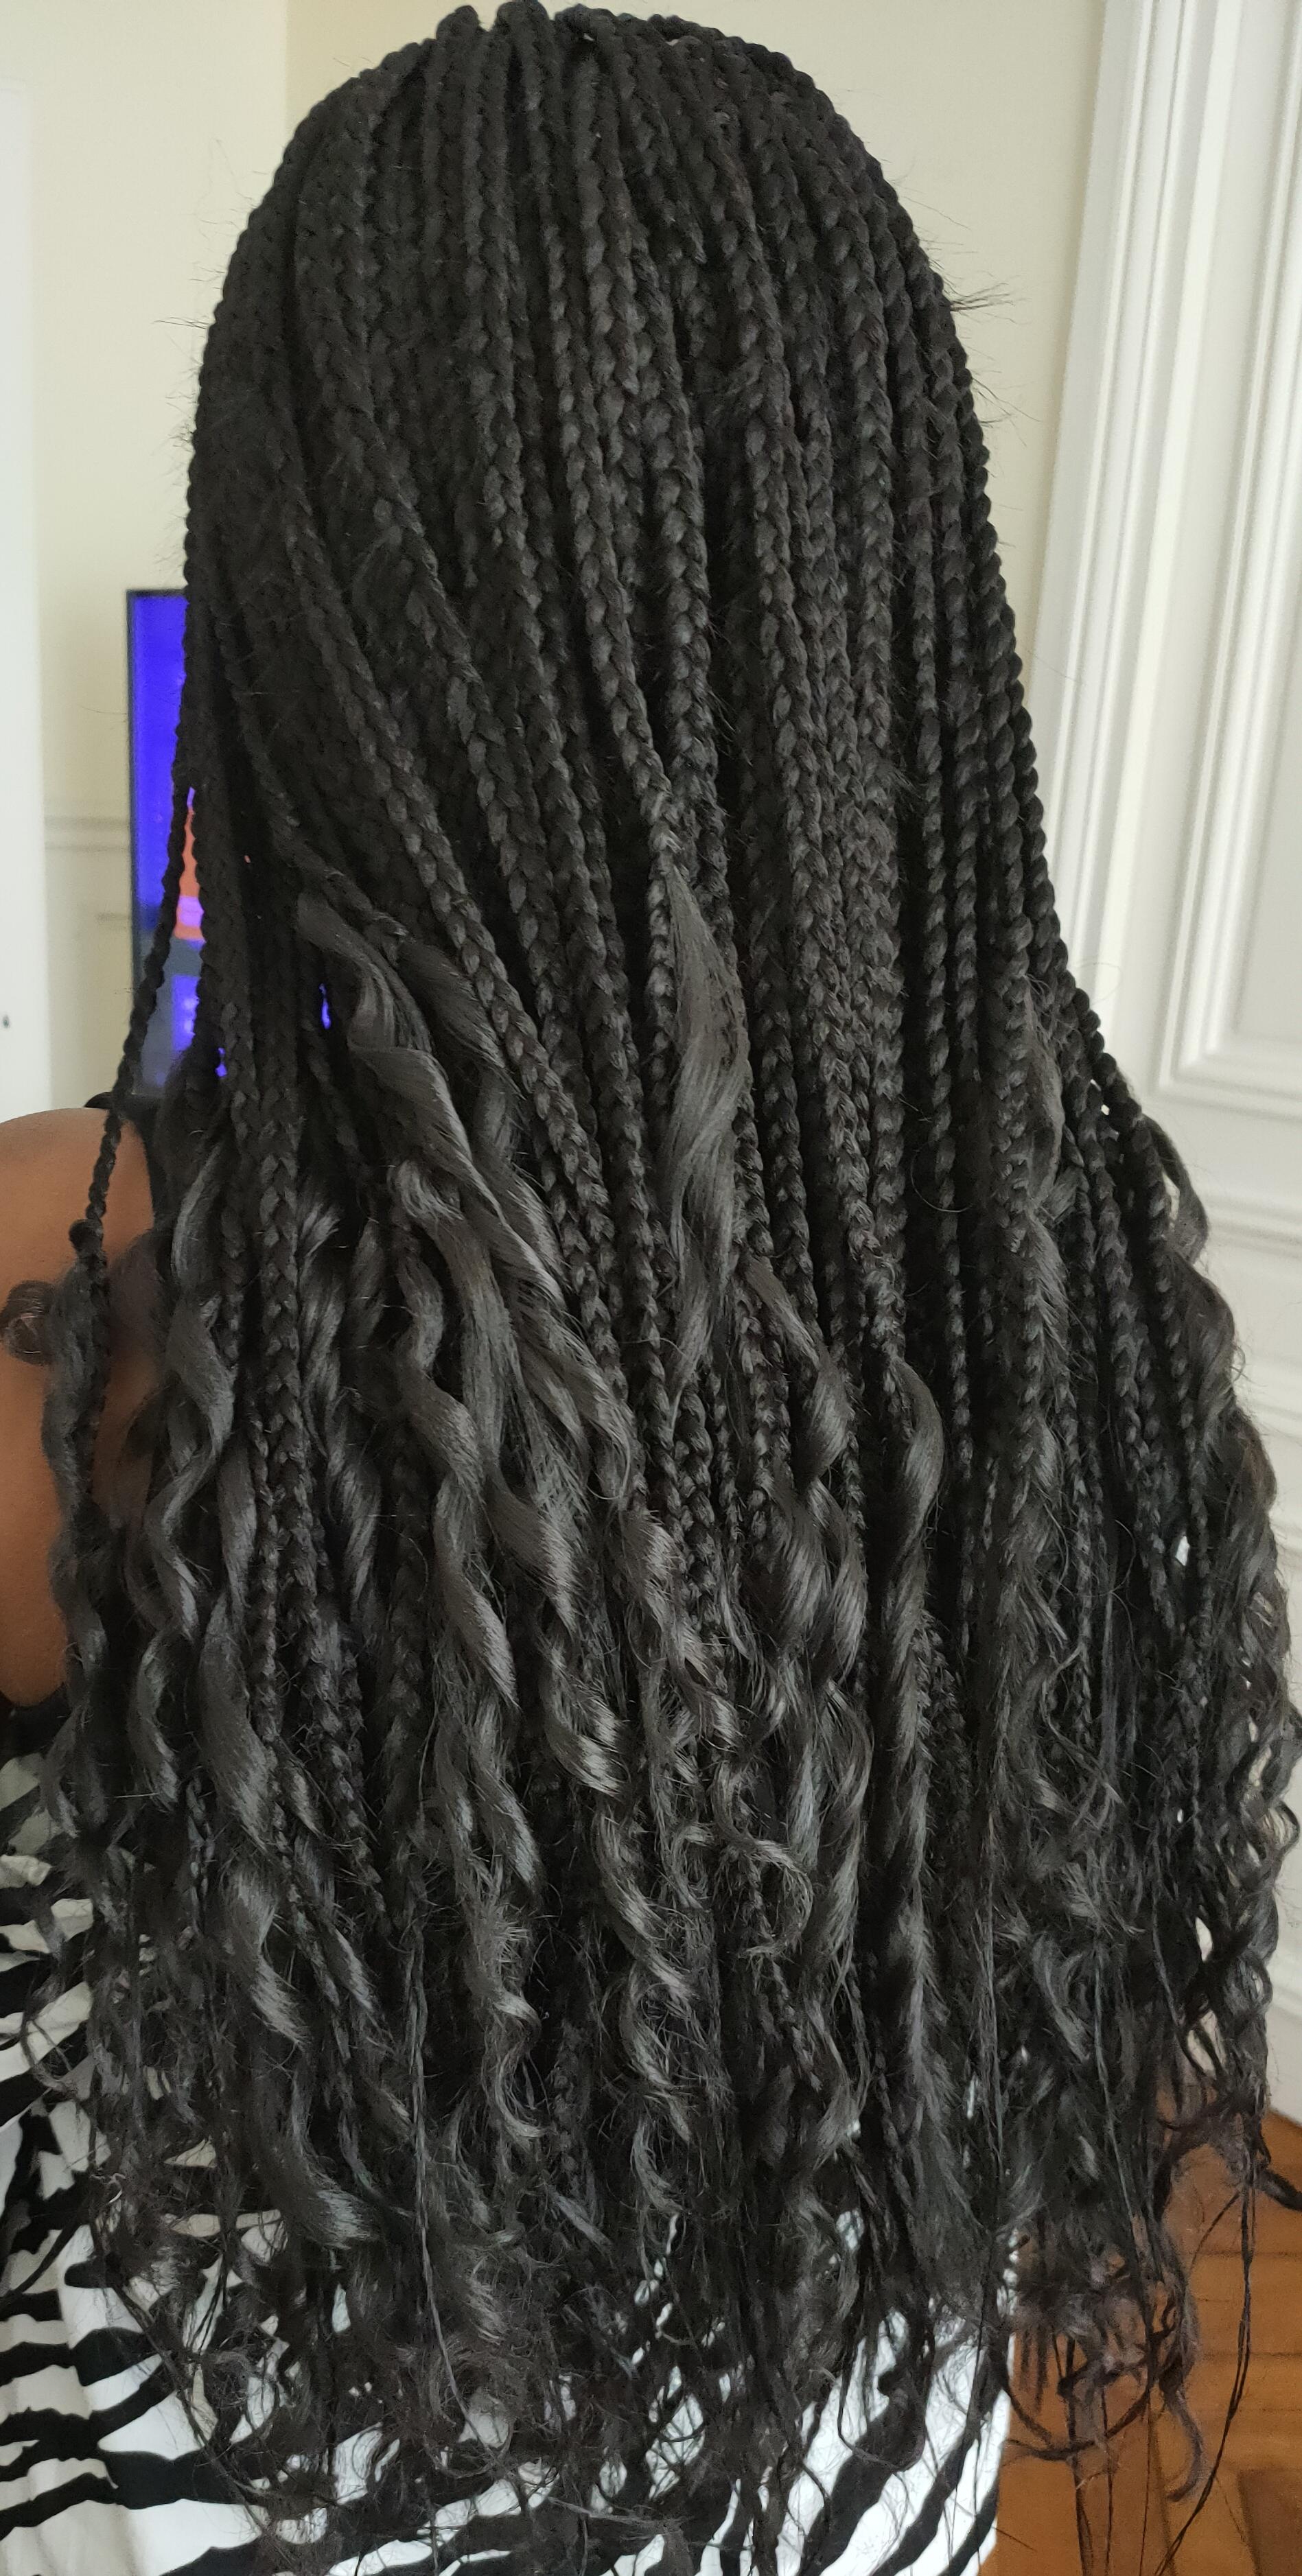 salon de coiffure afro tresse tresses box braids crochet braids vanilles tissages paris 75 77 78 91 92 93 94 95 WRLDONLX